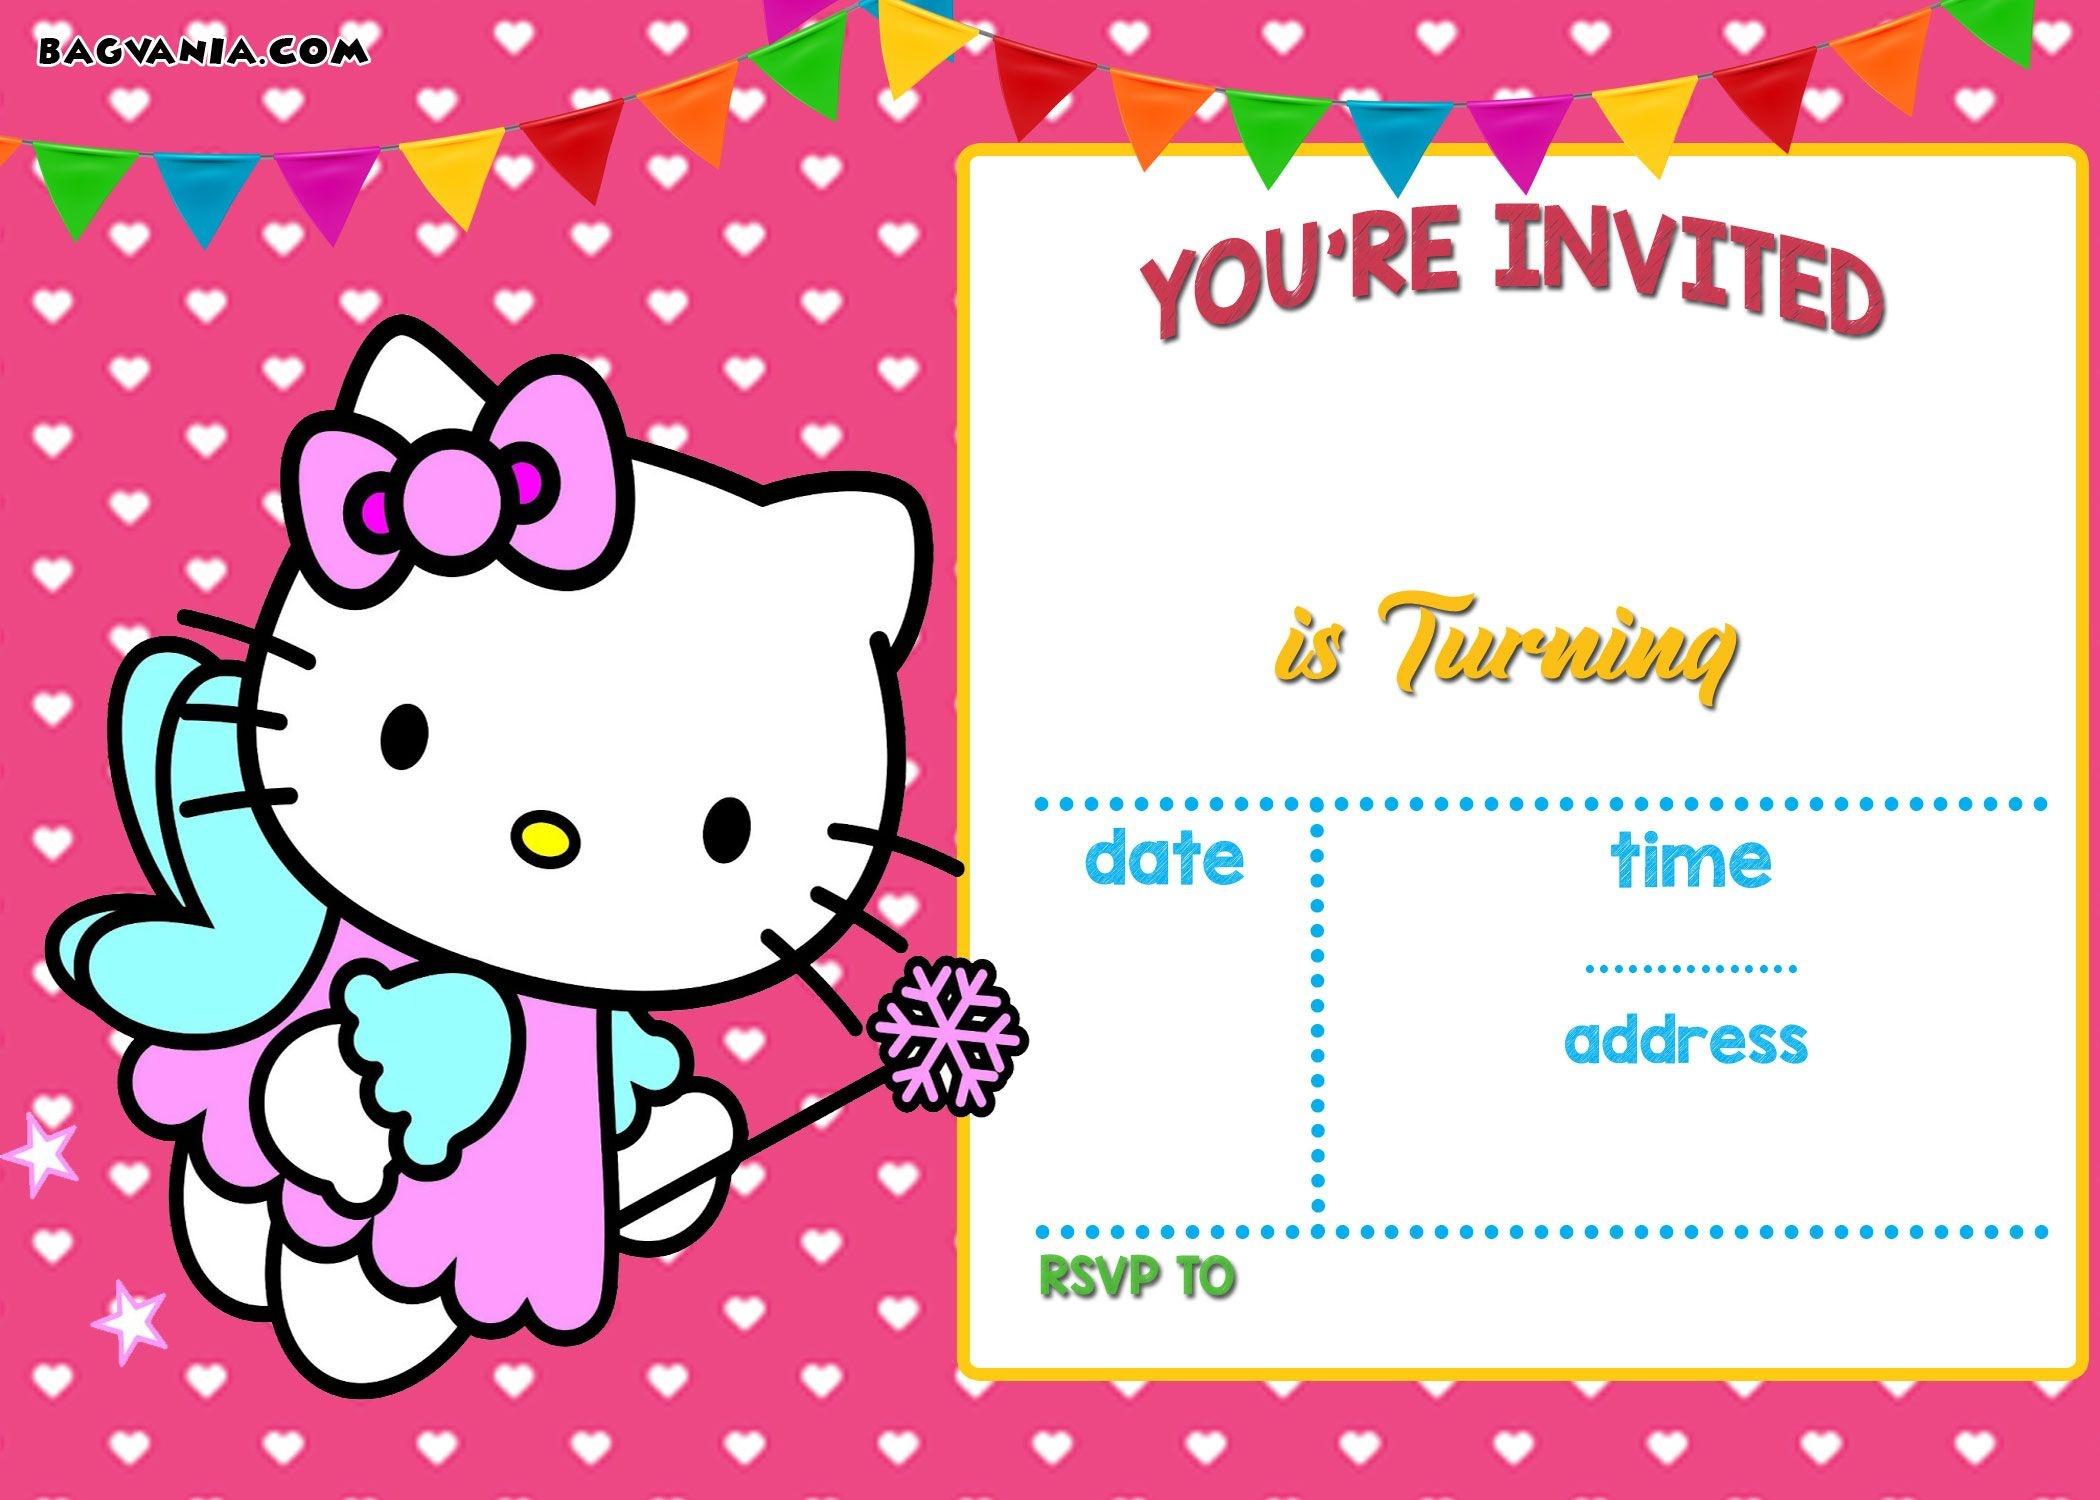 Free Hello Kitty Invitation Templates | Free Printable Birthday - Free Printable Hello Kitty Baby Shower Invitations